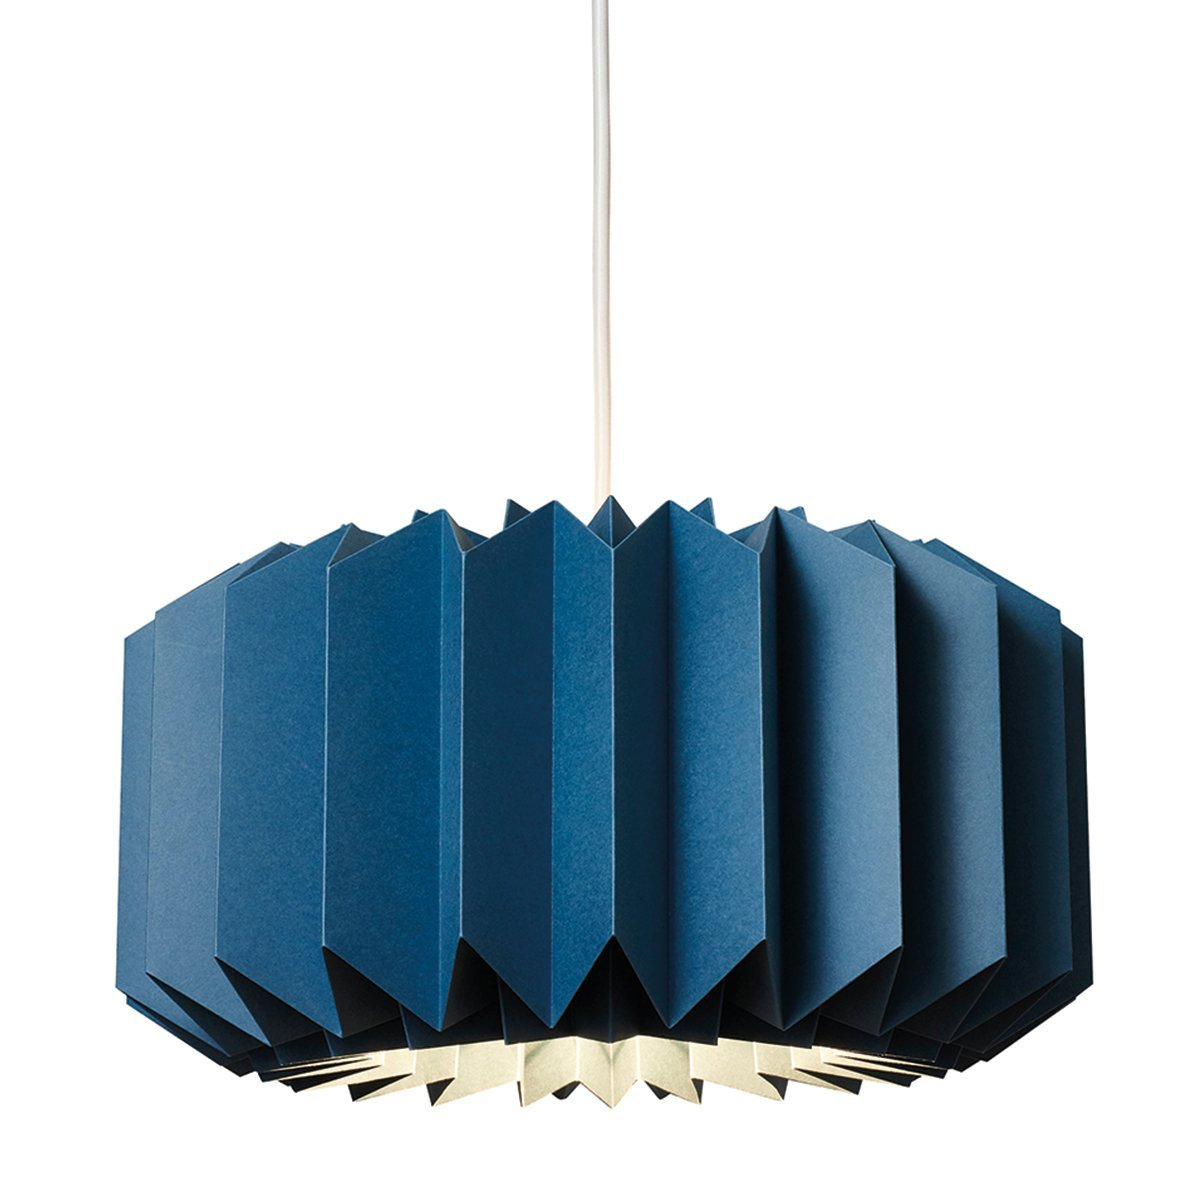 LE KLINT PLEATS Model 154 Hanglamp Indigo Blue - Large